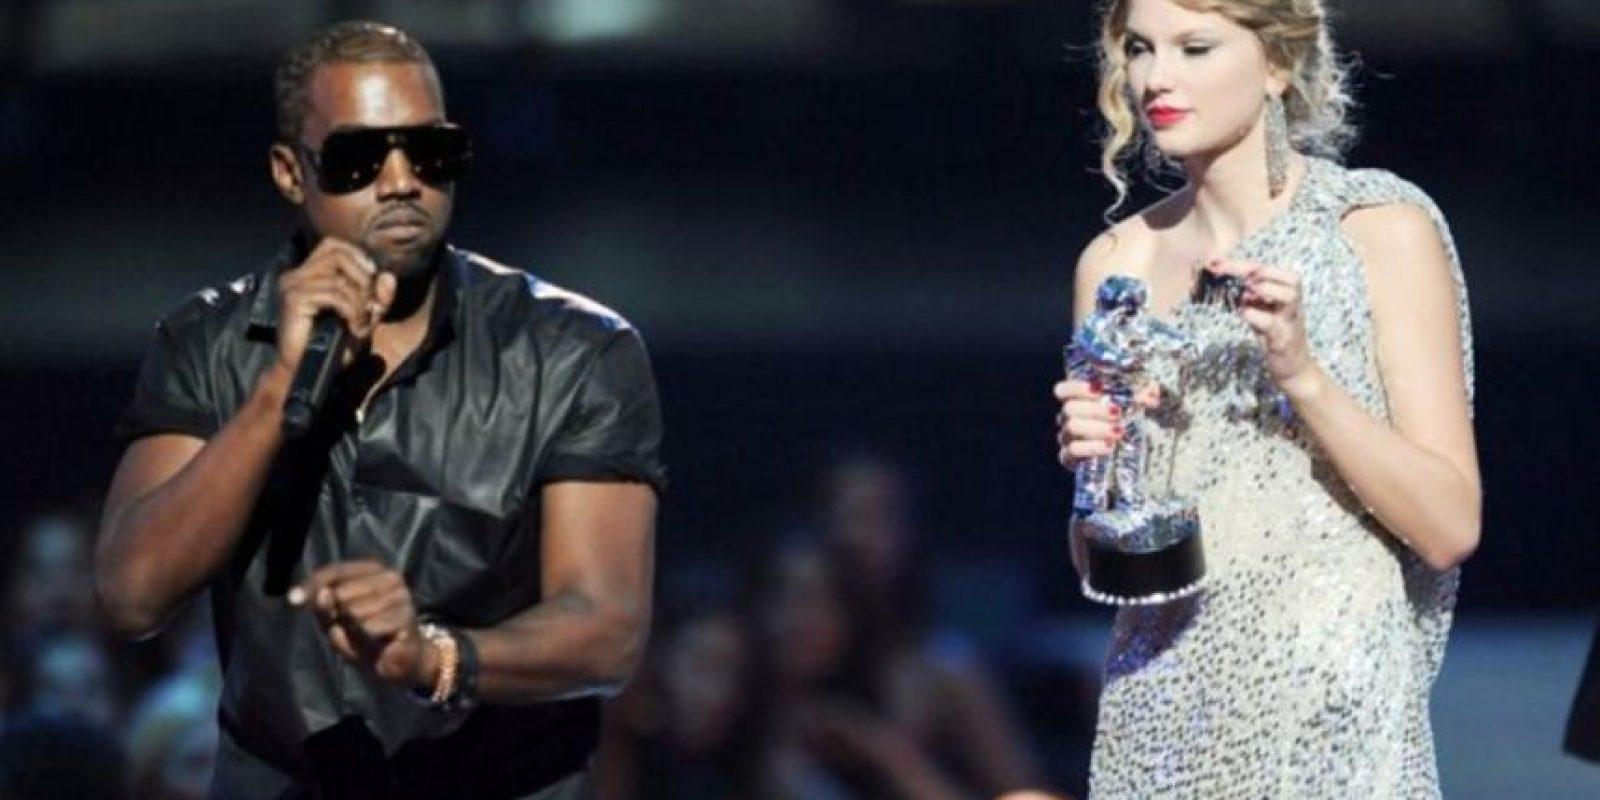 """Sin embargo, Taylor desmintió tal aviso de Kanye para llamarla """"perra"""" publicamente. Foto:Getty Images. Imagen Por:"""